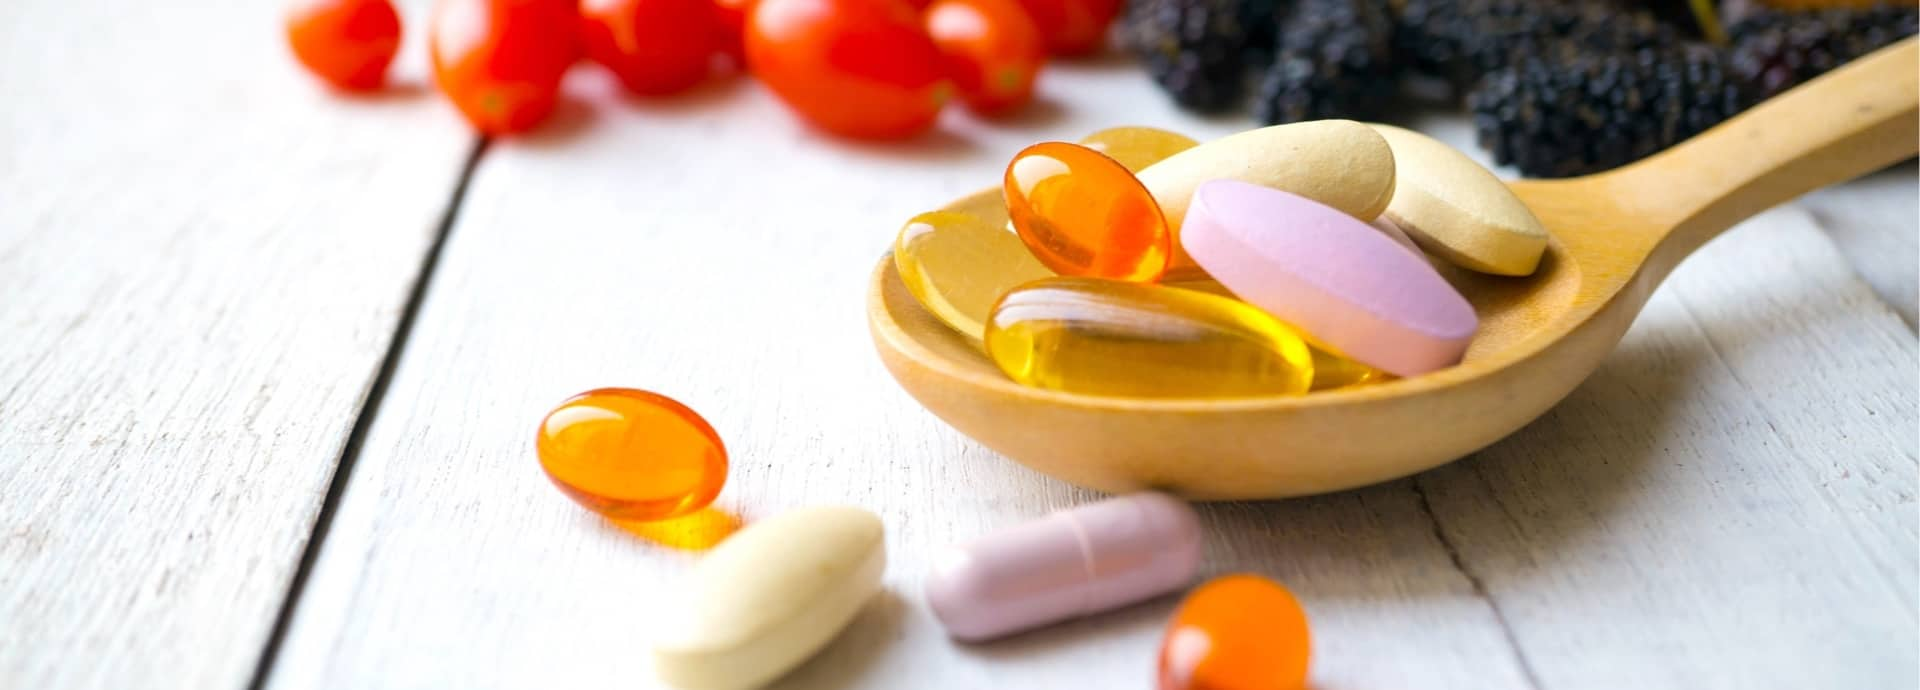 Безопасност при прием на витамини